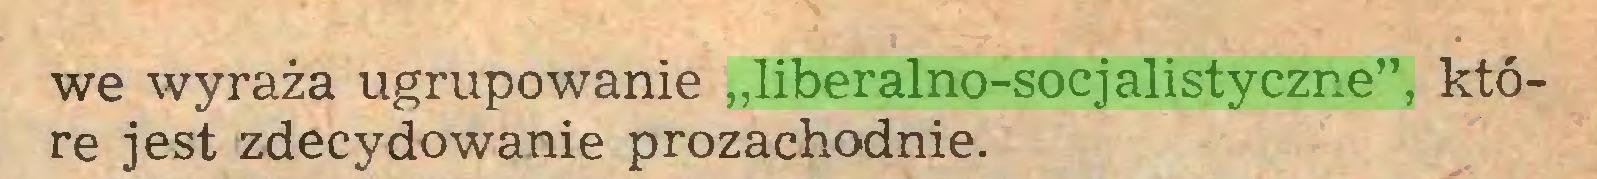 """(...) we wyraża ugrupowanie """"liberalno-socjalistyczne"""", które jest zdecydowanie prozachodnie..."""